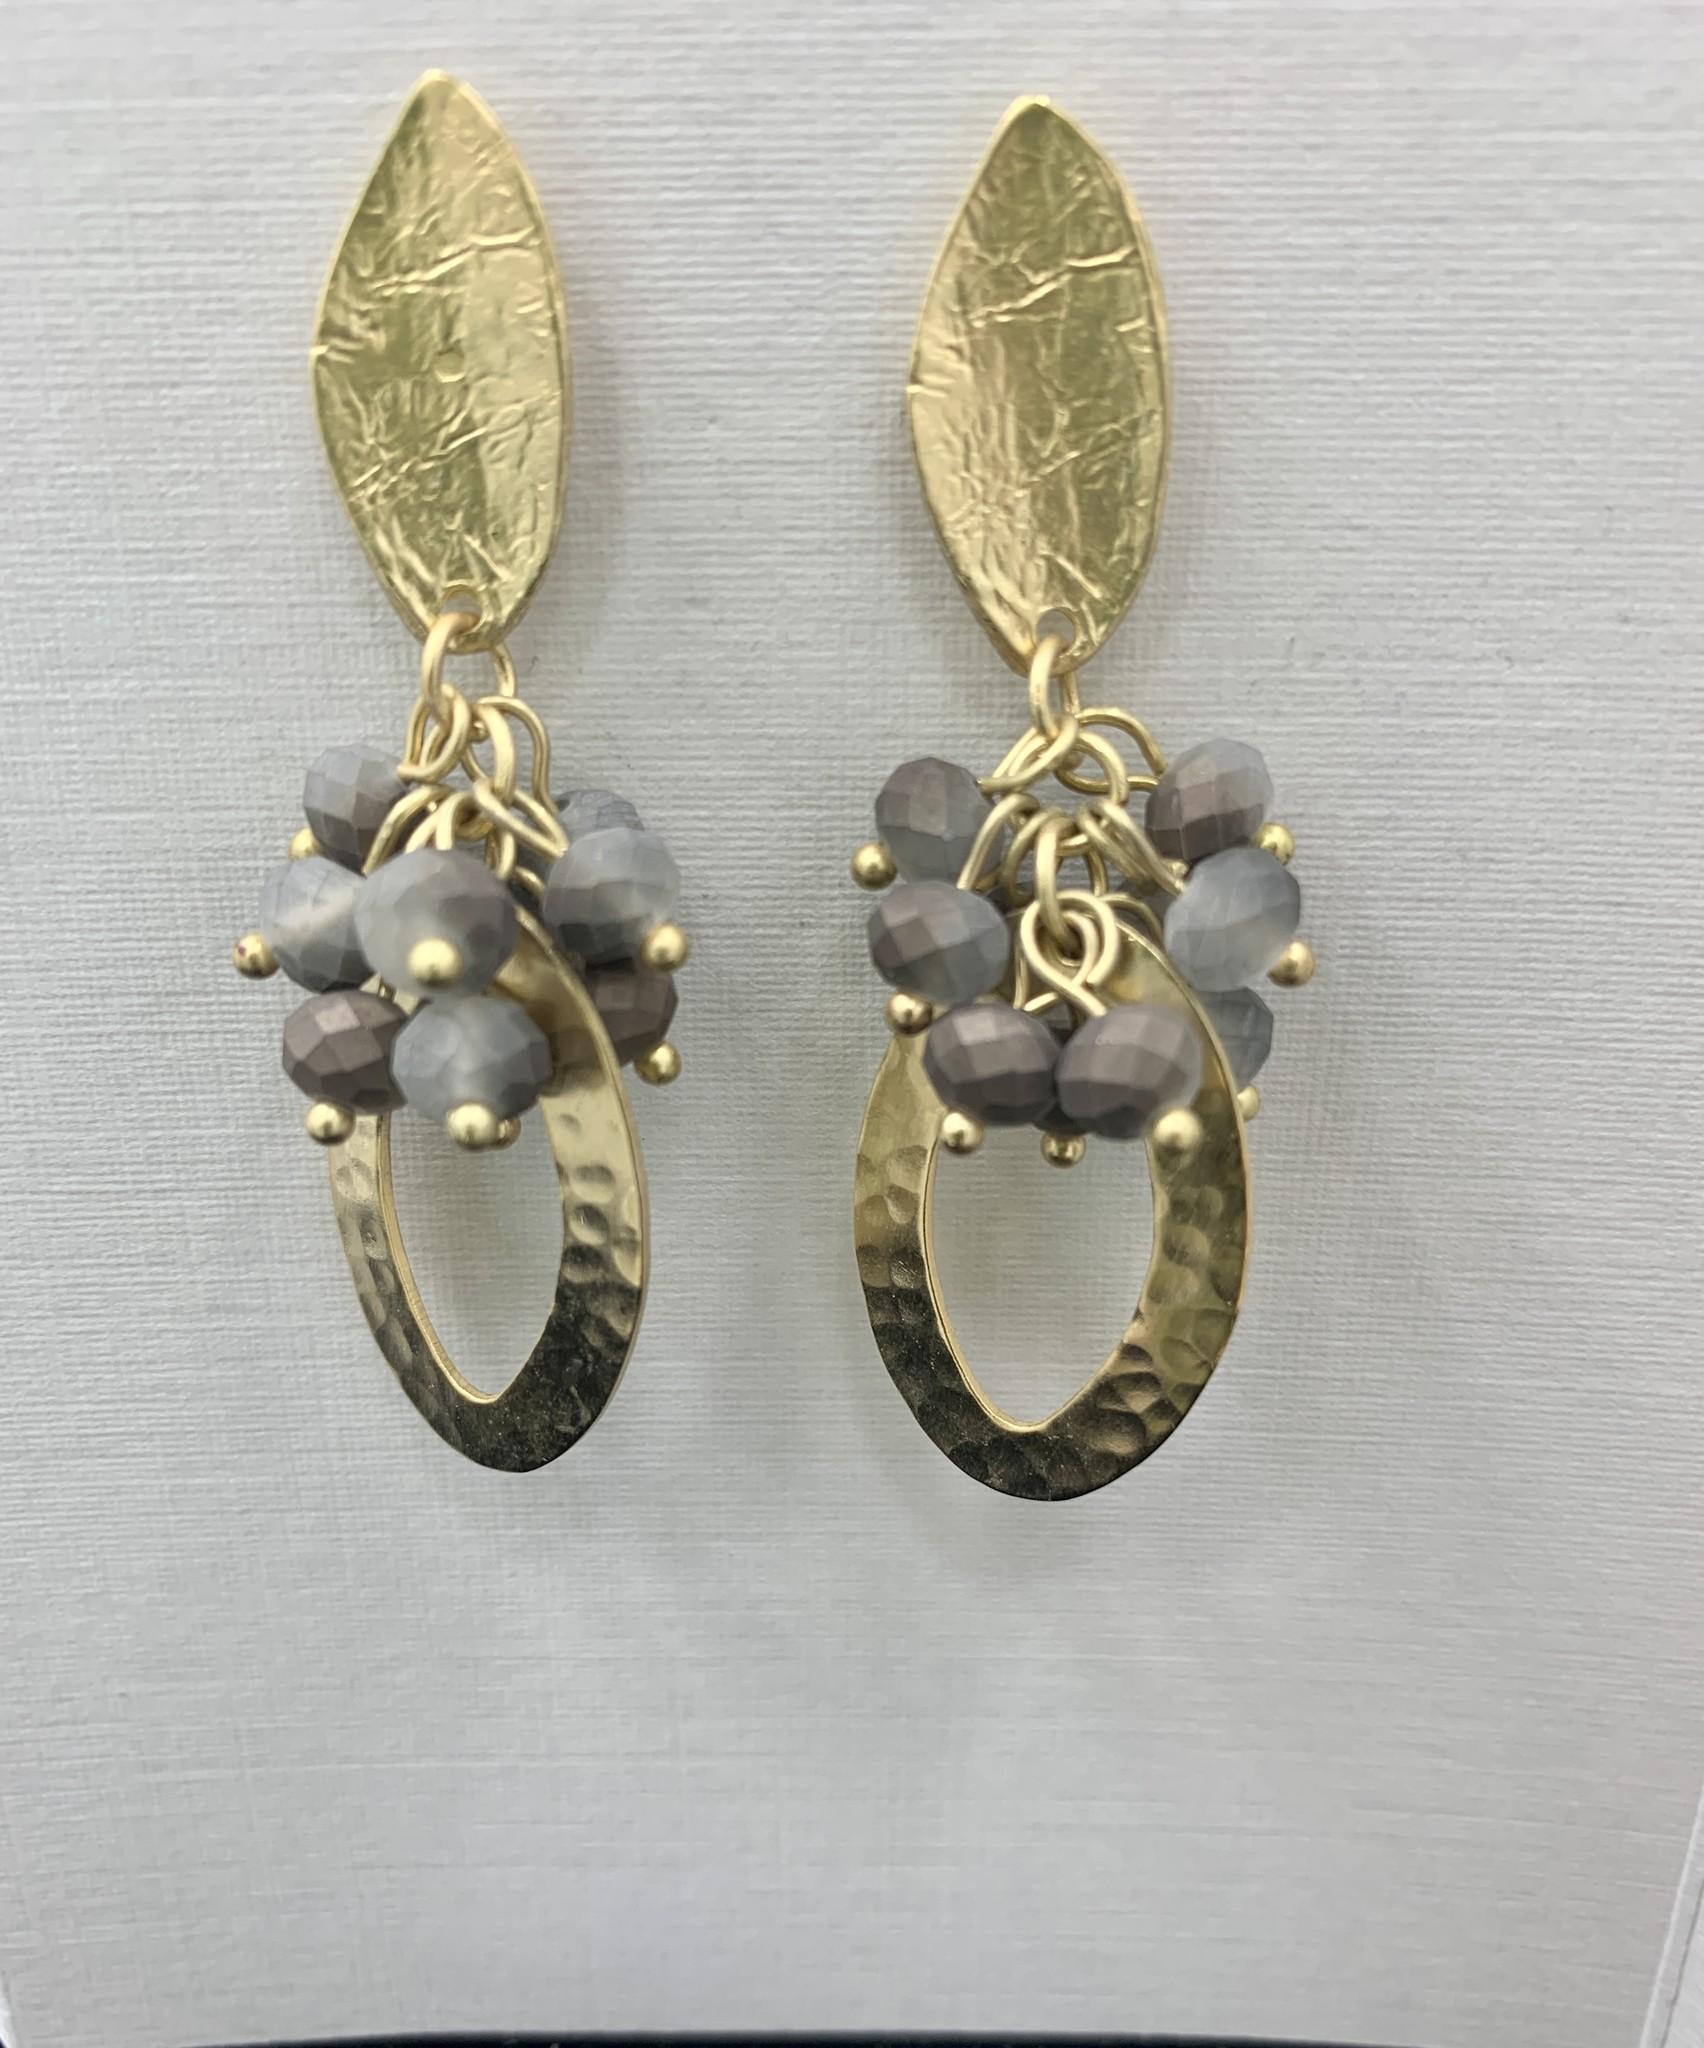 JMR Earrings - Gold/Stone